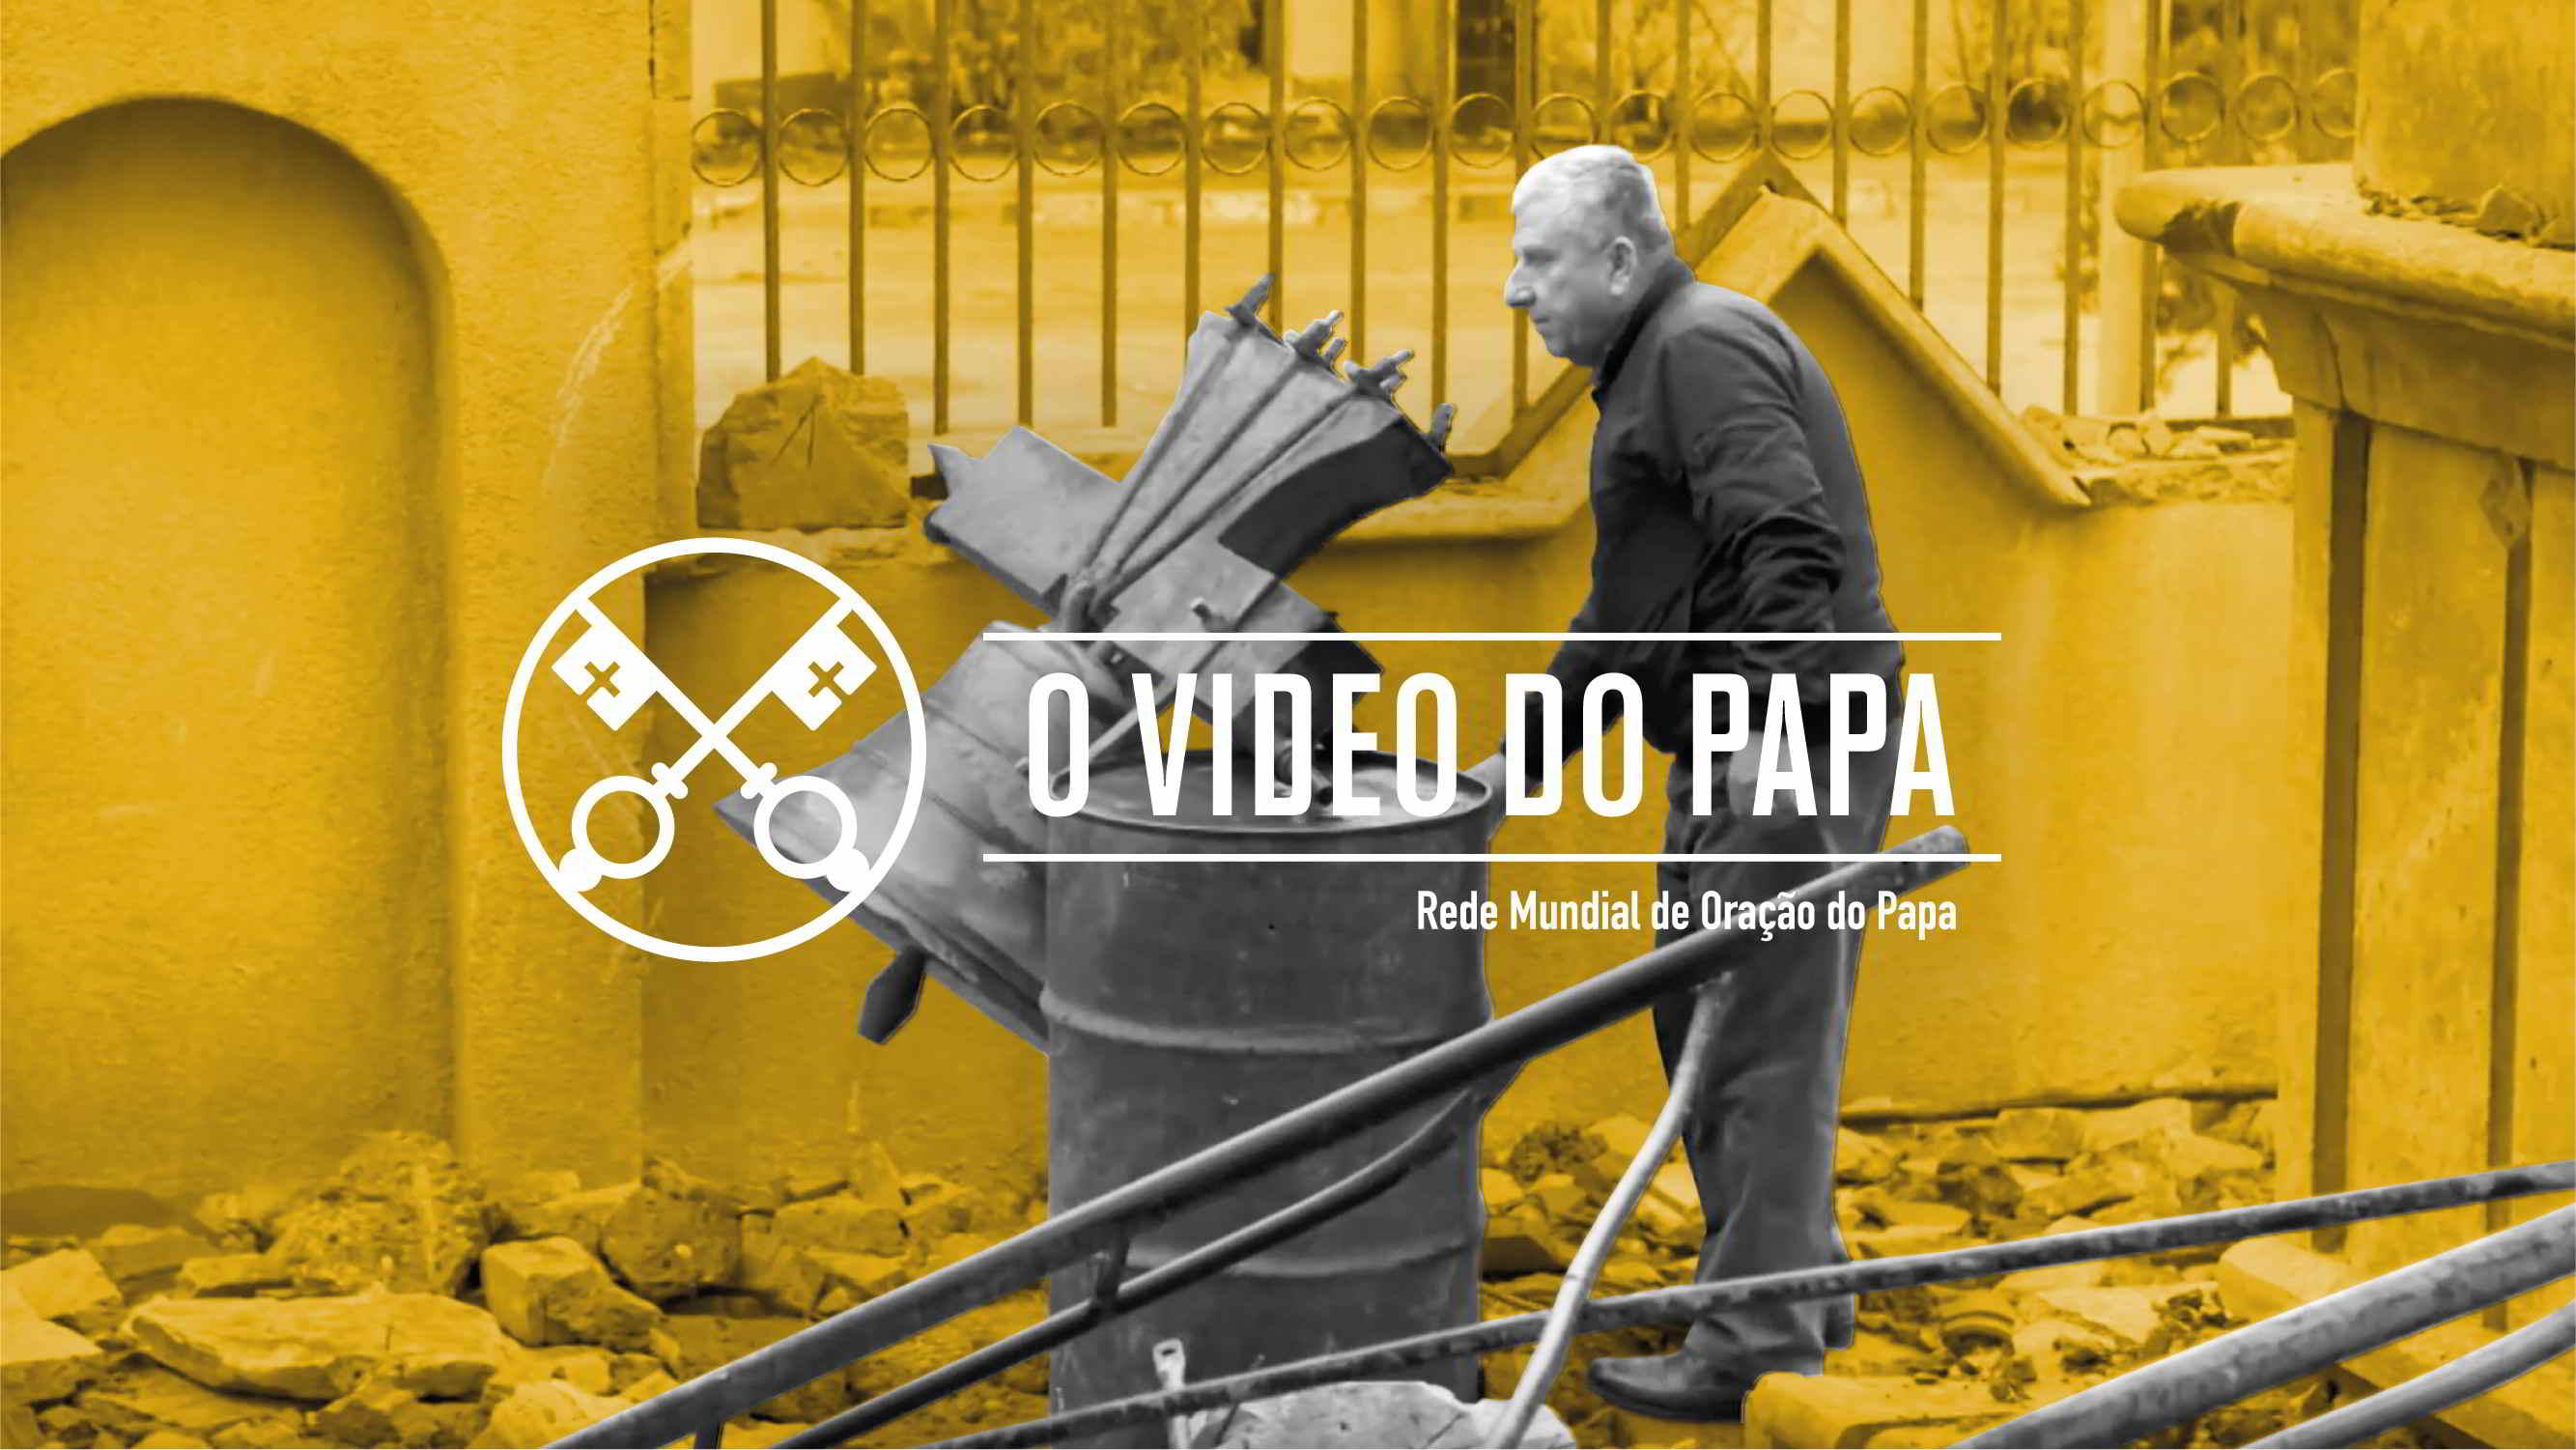 Official-image-TPV-3-2019-4-PT-O-Video-do-Papa-Reconhecimento-dos-direitos-das-comunidades-cristas